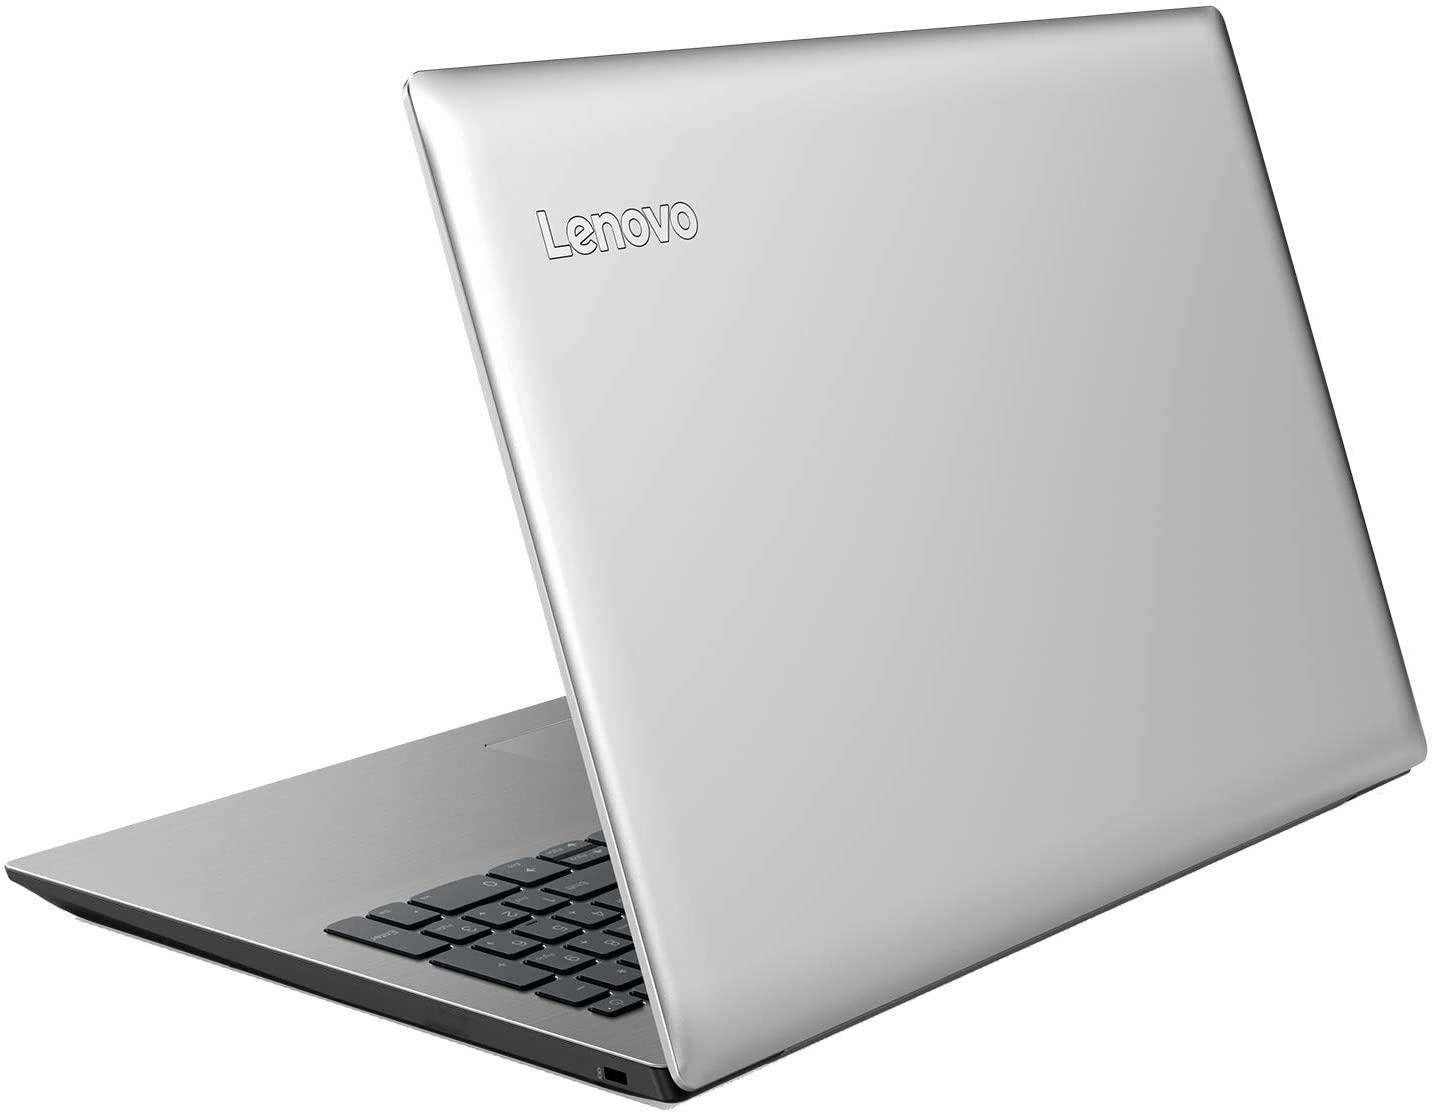 Laptop Lenovo Ideapad 320 i3 de 6a. Geração 8 GB Memória e 500 GB (seminovo)